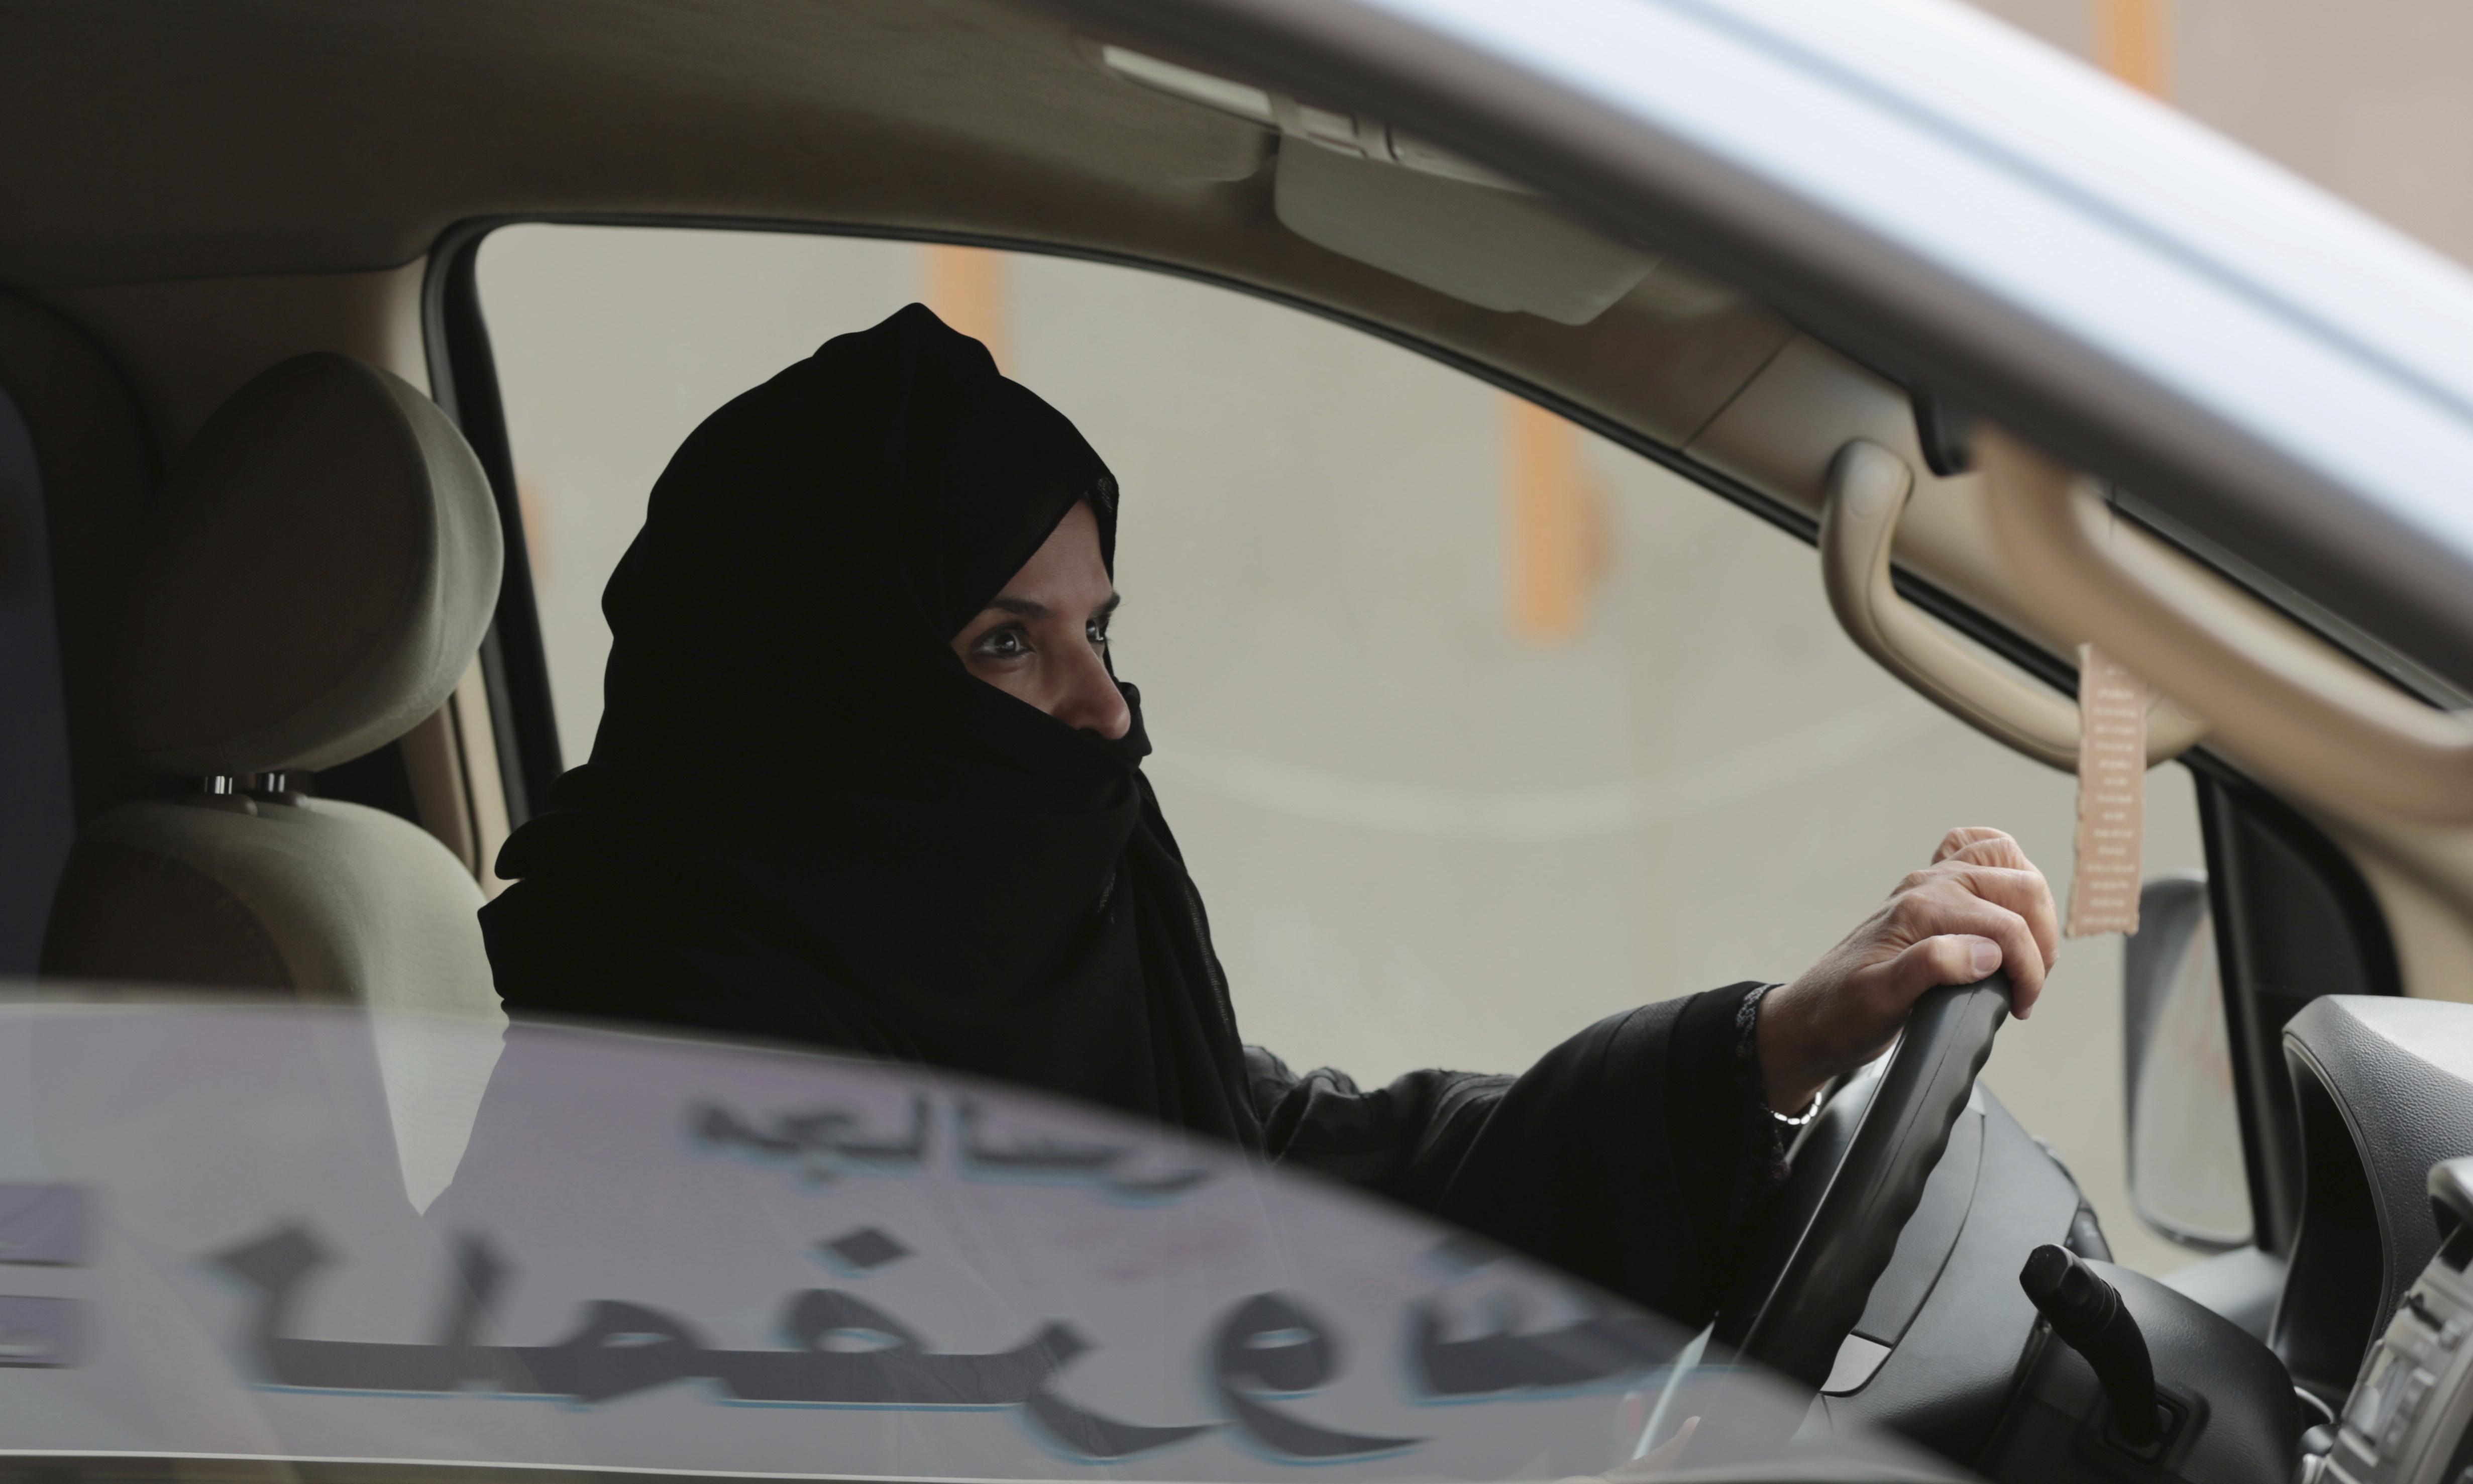 Hearing postponed for 'private reasons' in trial of 11 Saudi women